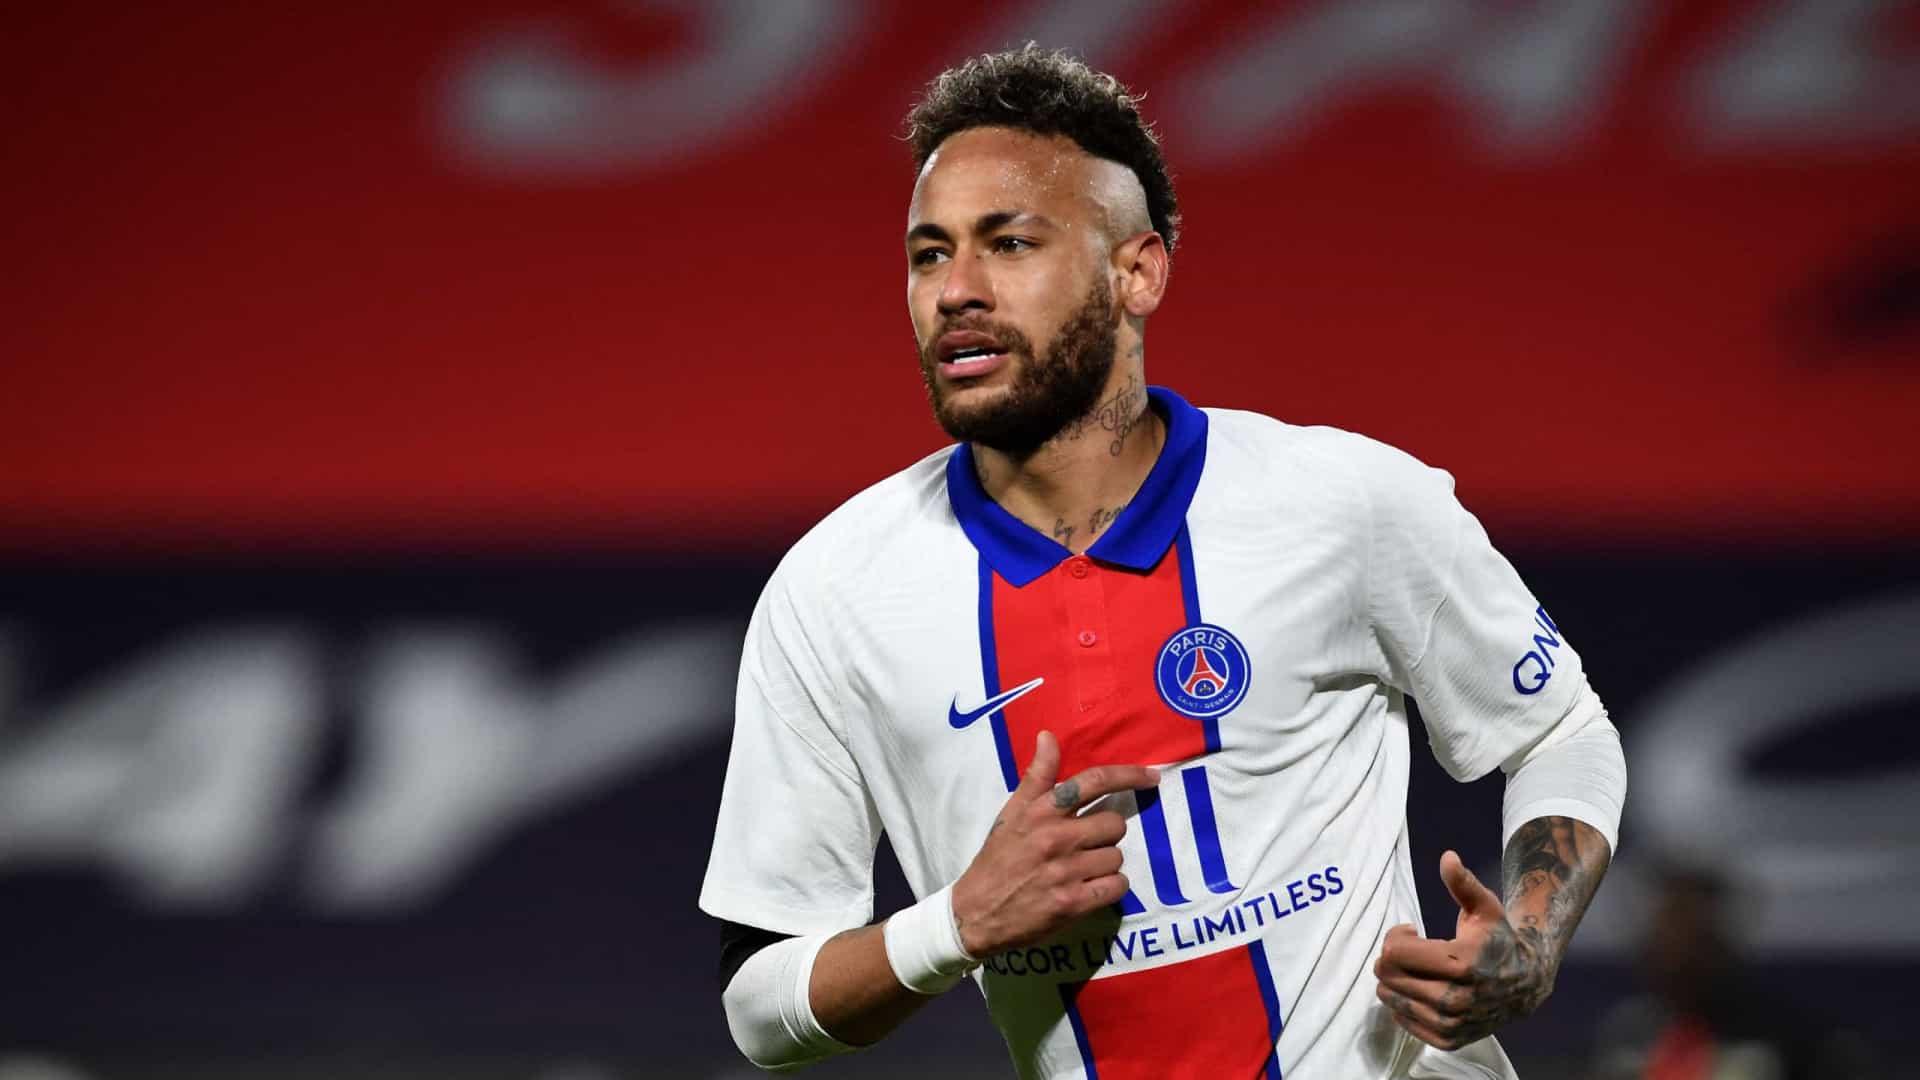 Relatório aponta Neymar como o 71º jogador 'mais caro' das 5 ligas europeias